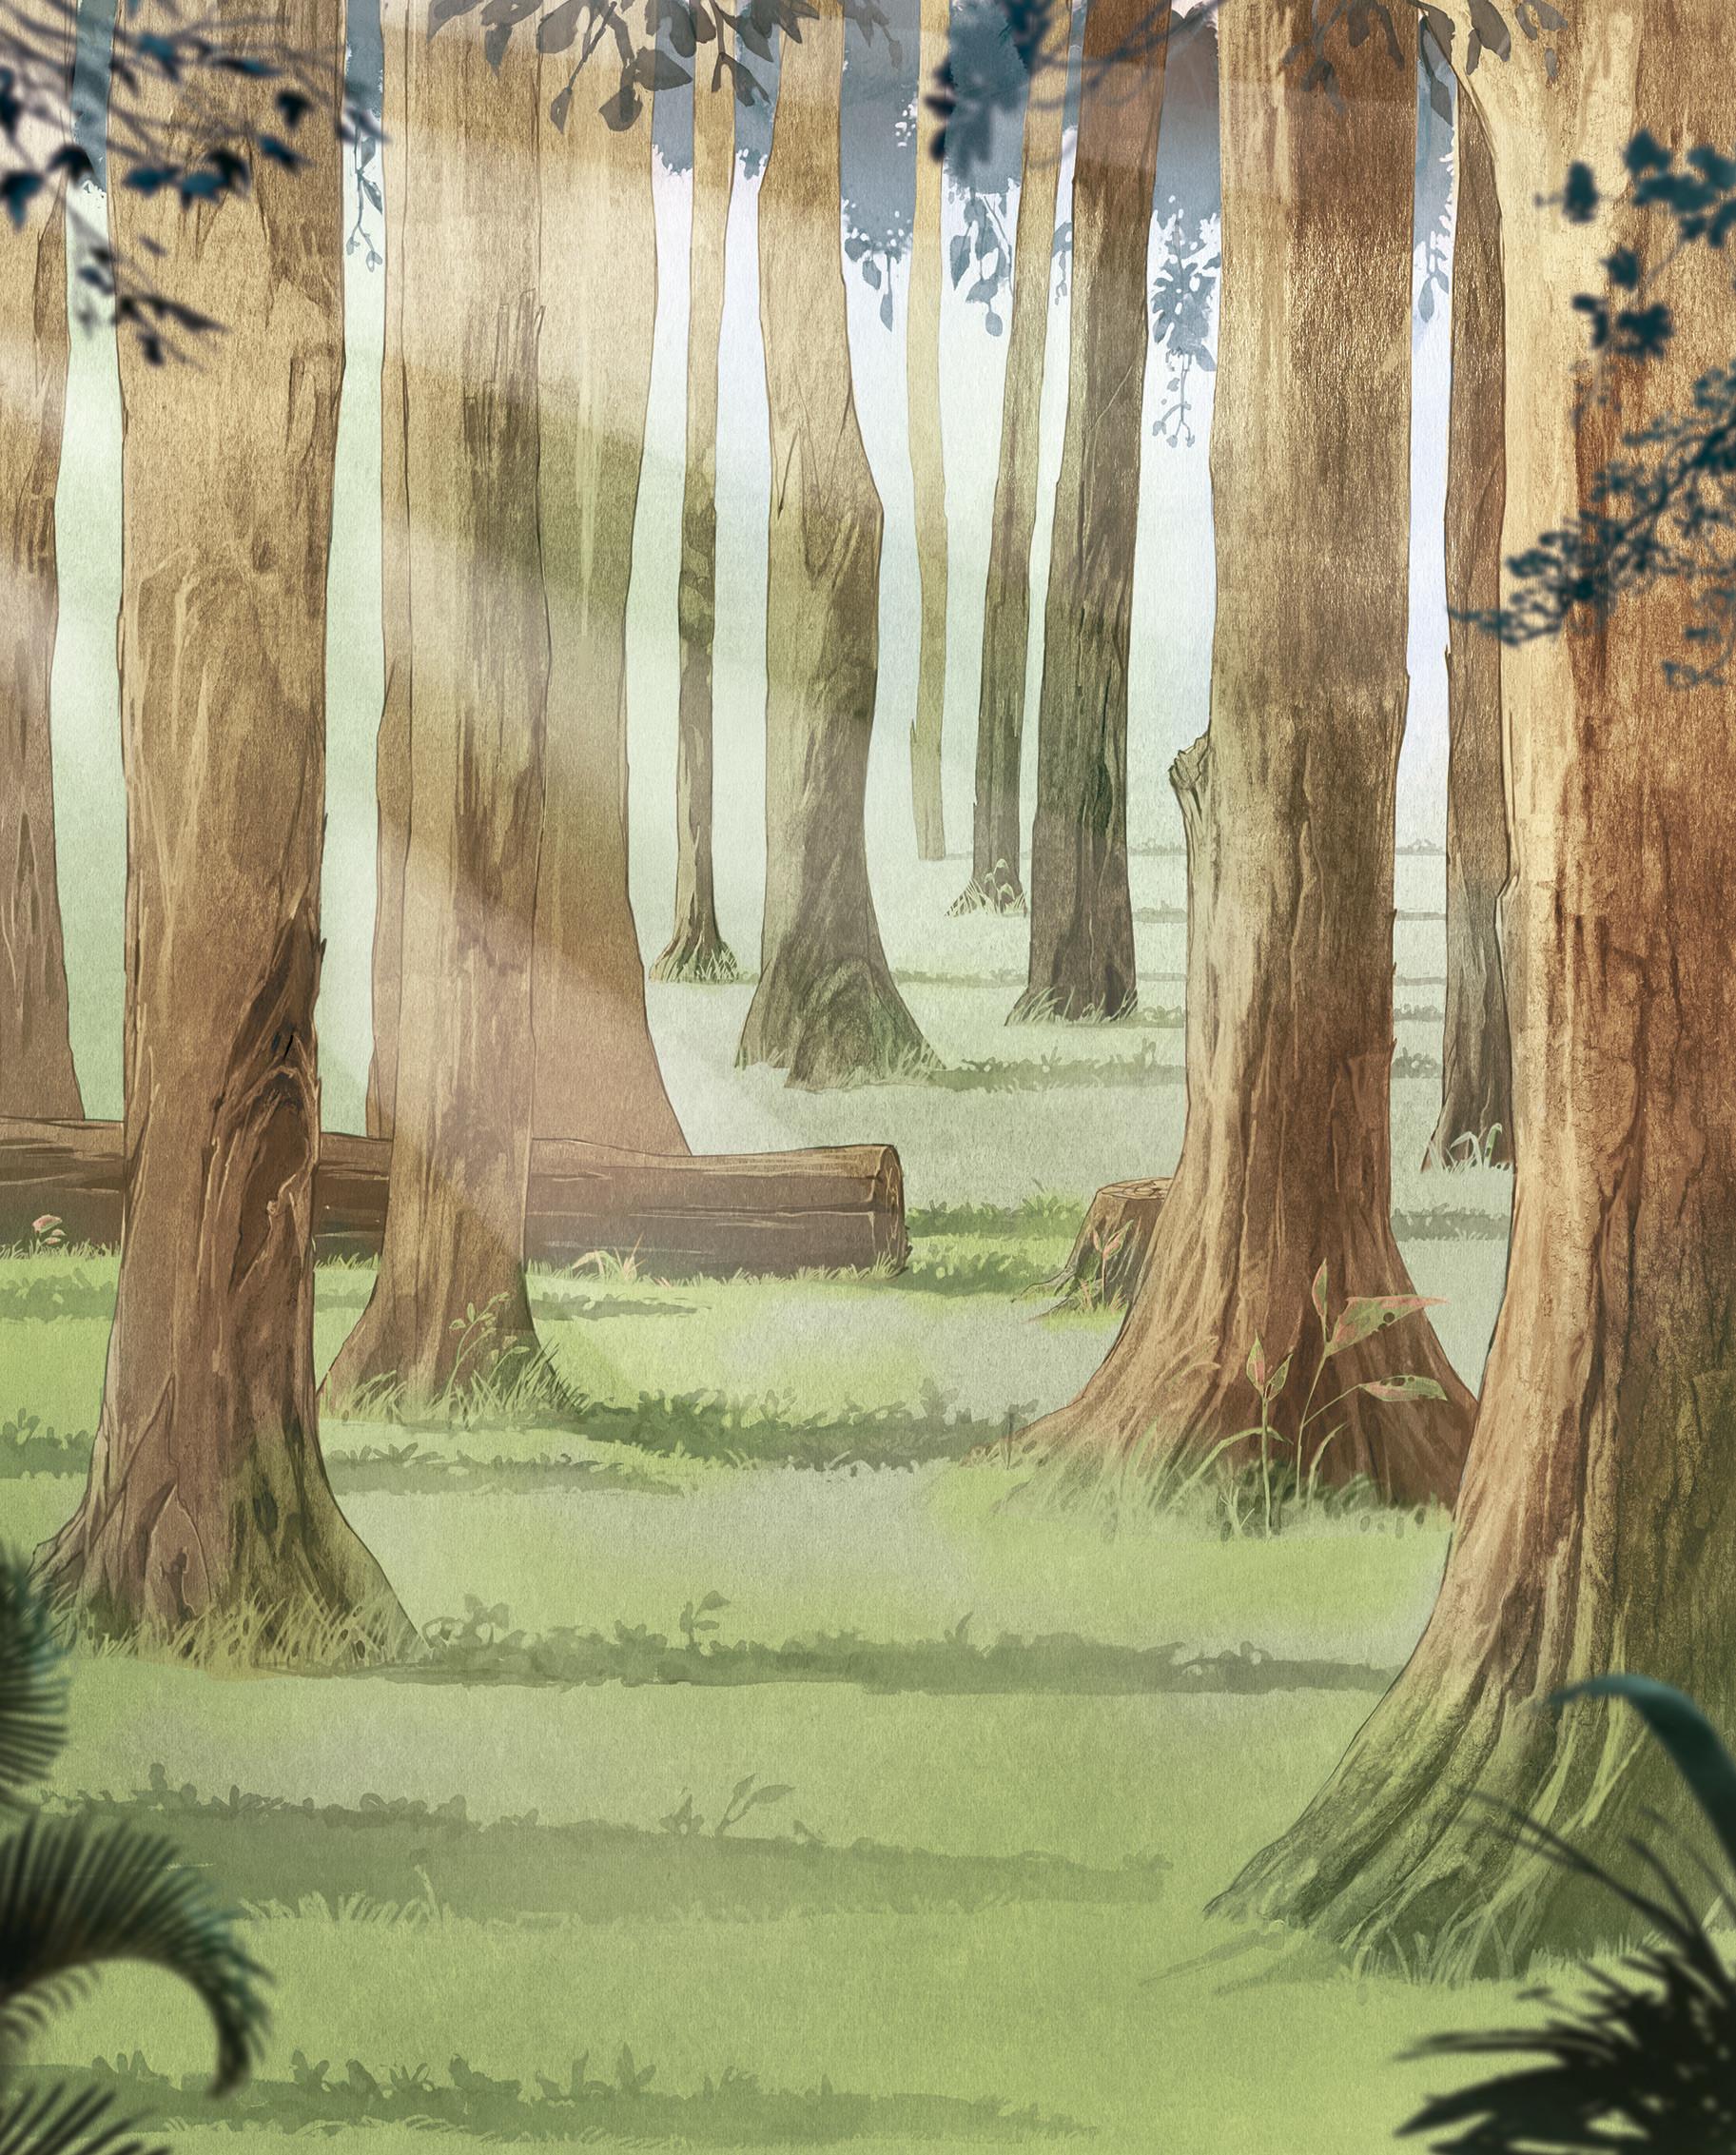 ArtStation - Forest - Illustration, Carlos Caminha